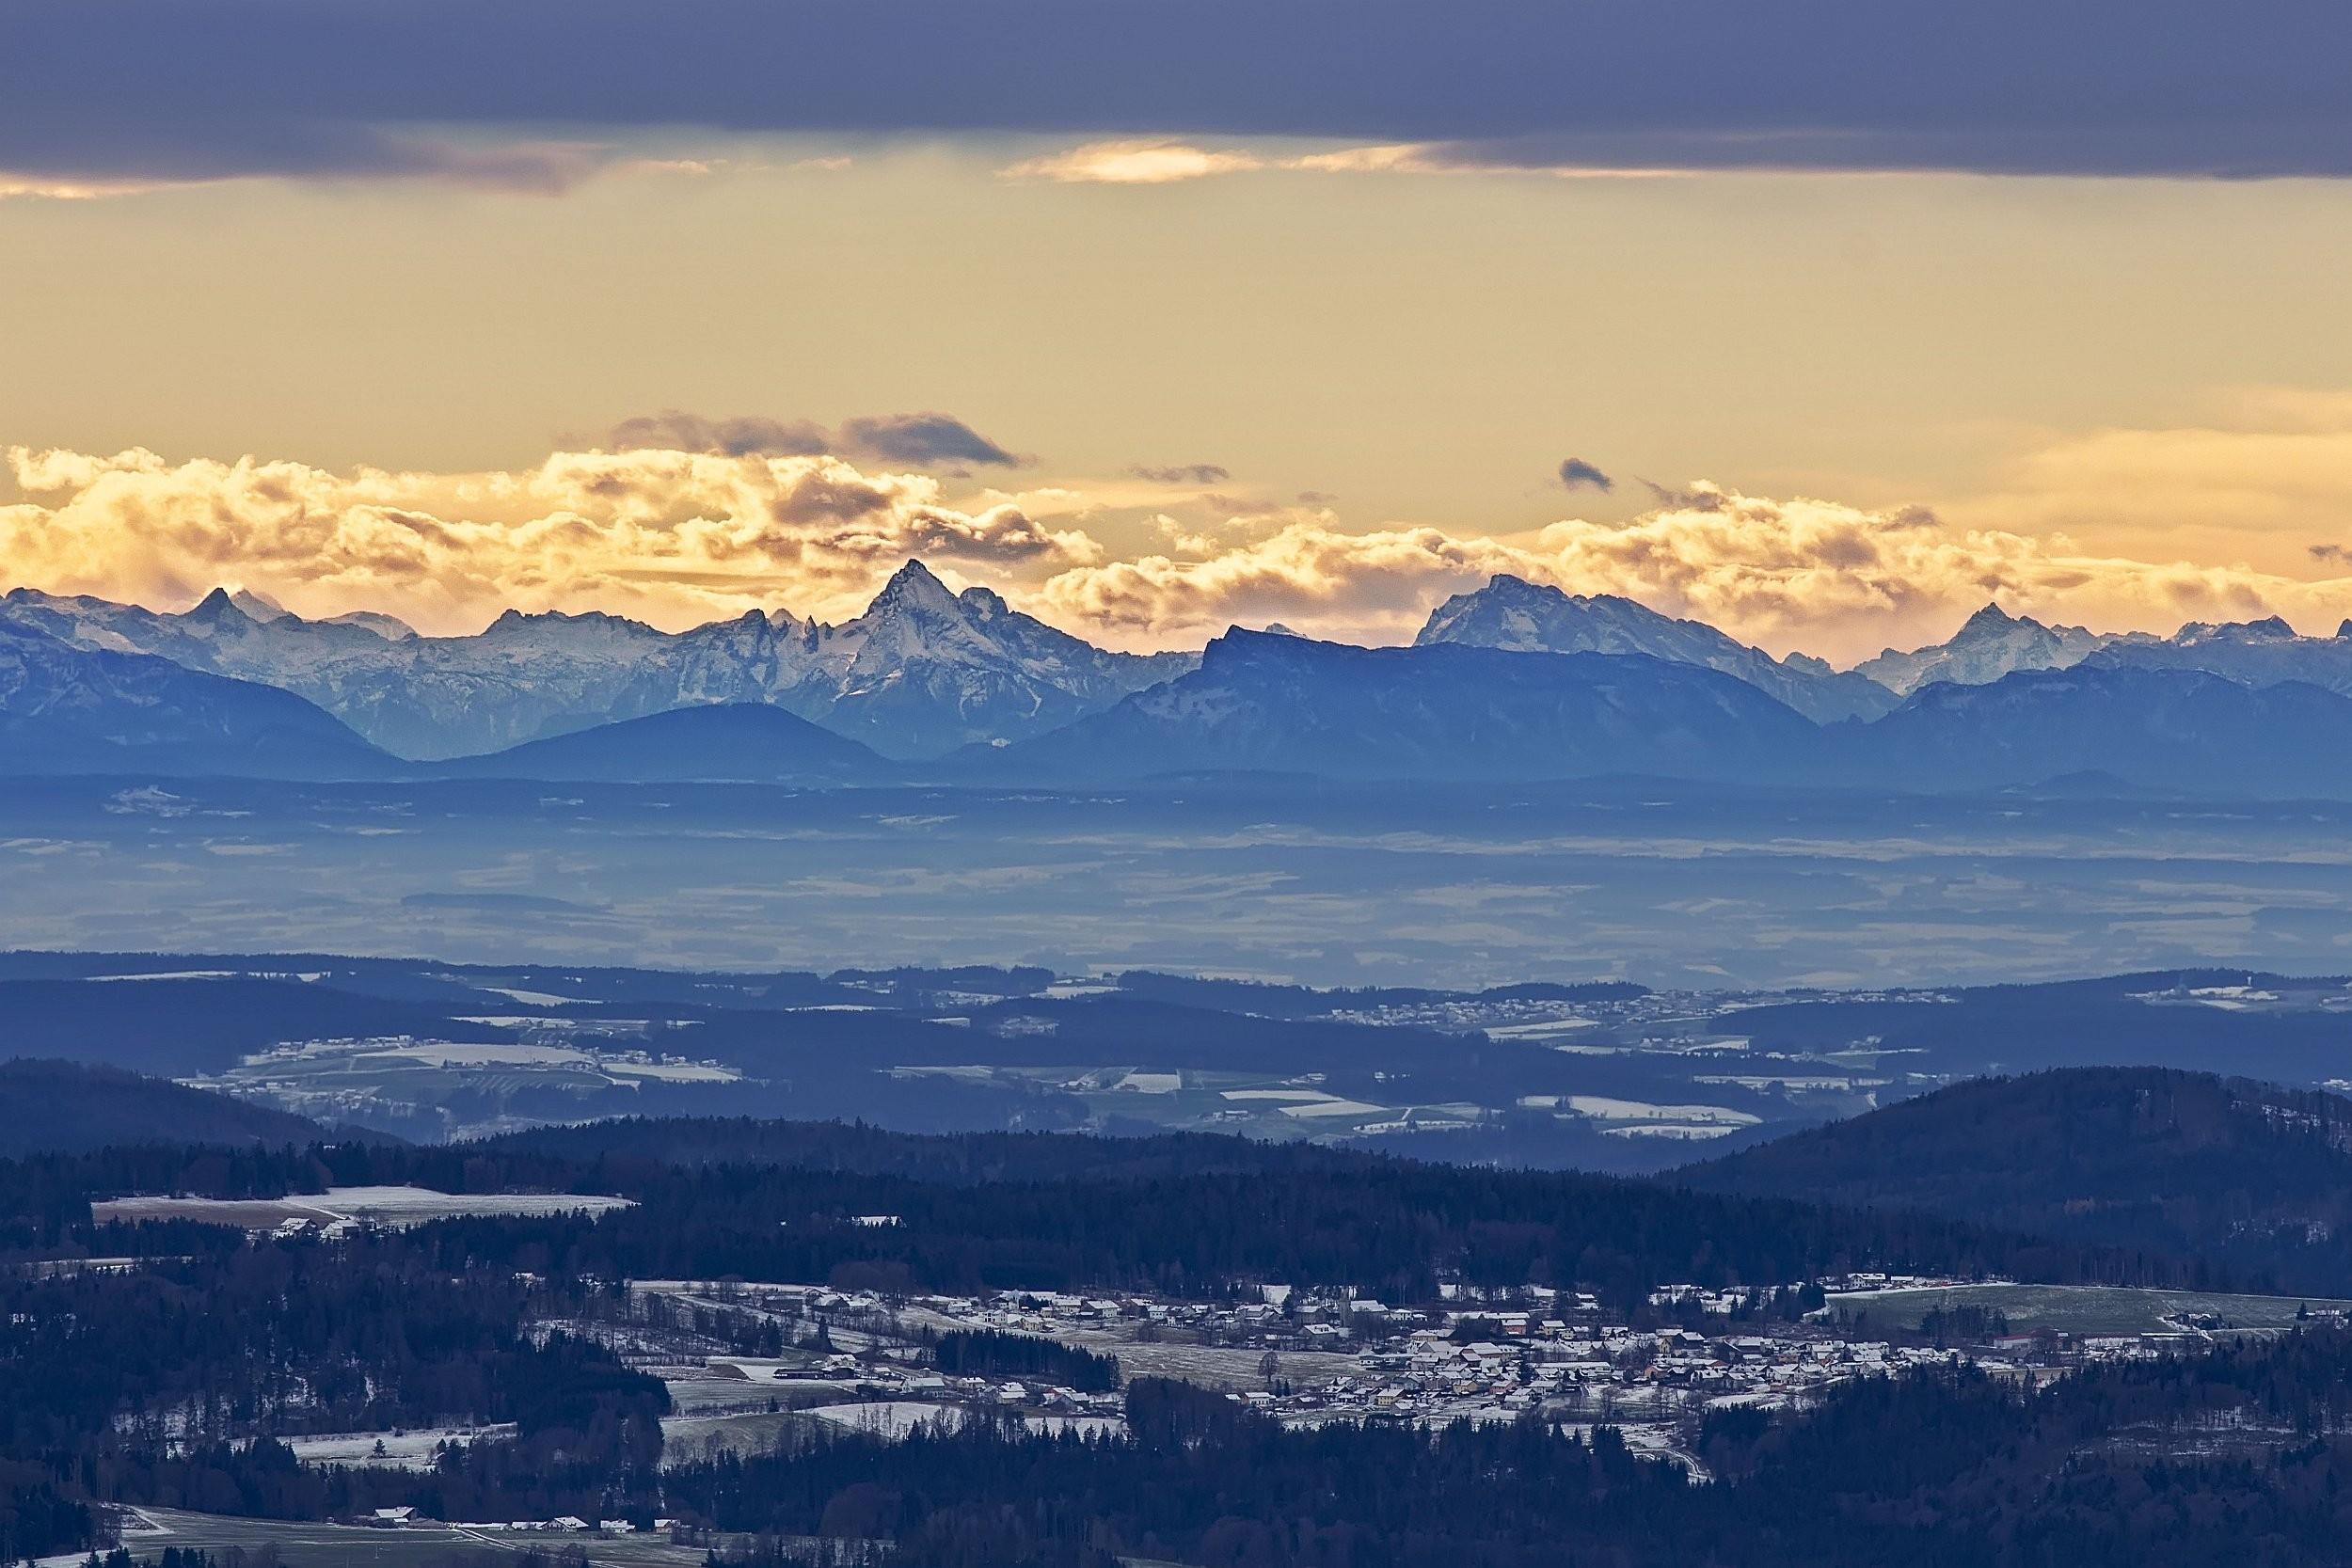 Alpy ze Šumavy - Třístoličník